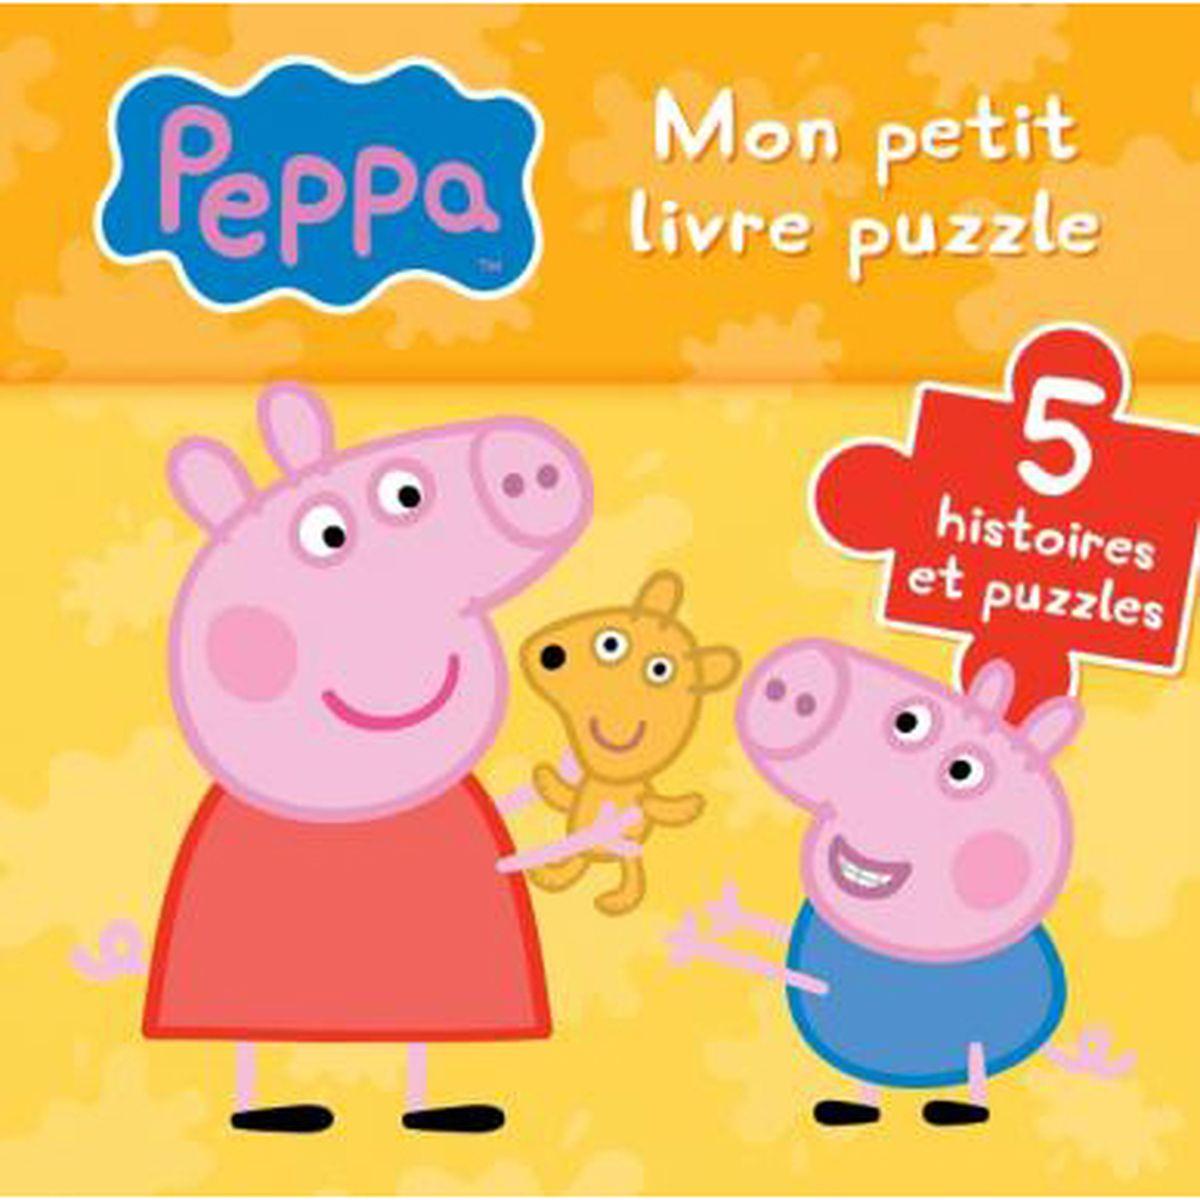 Peppa Pig Mon petit livre puzzle 5 histoires et puzzles